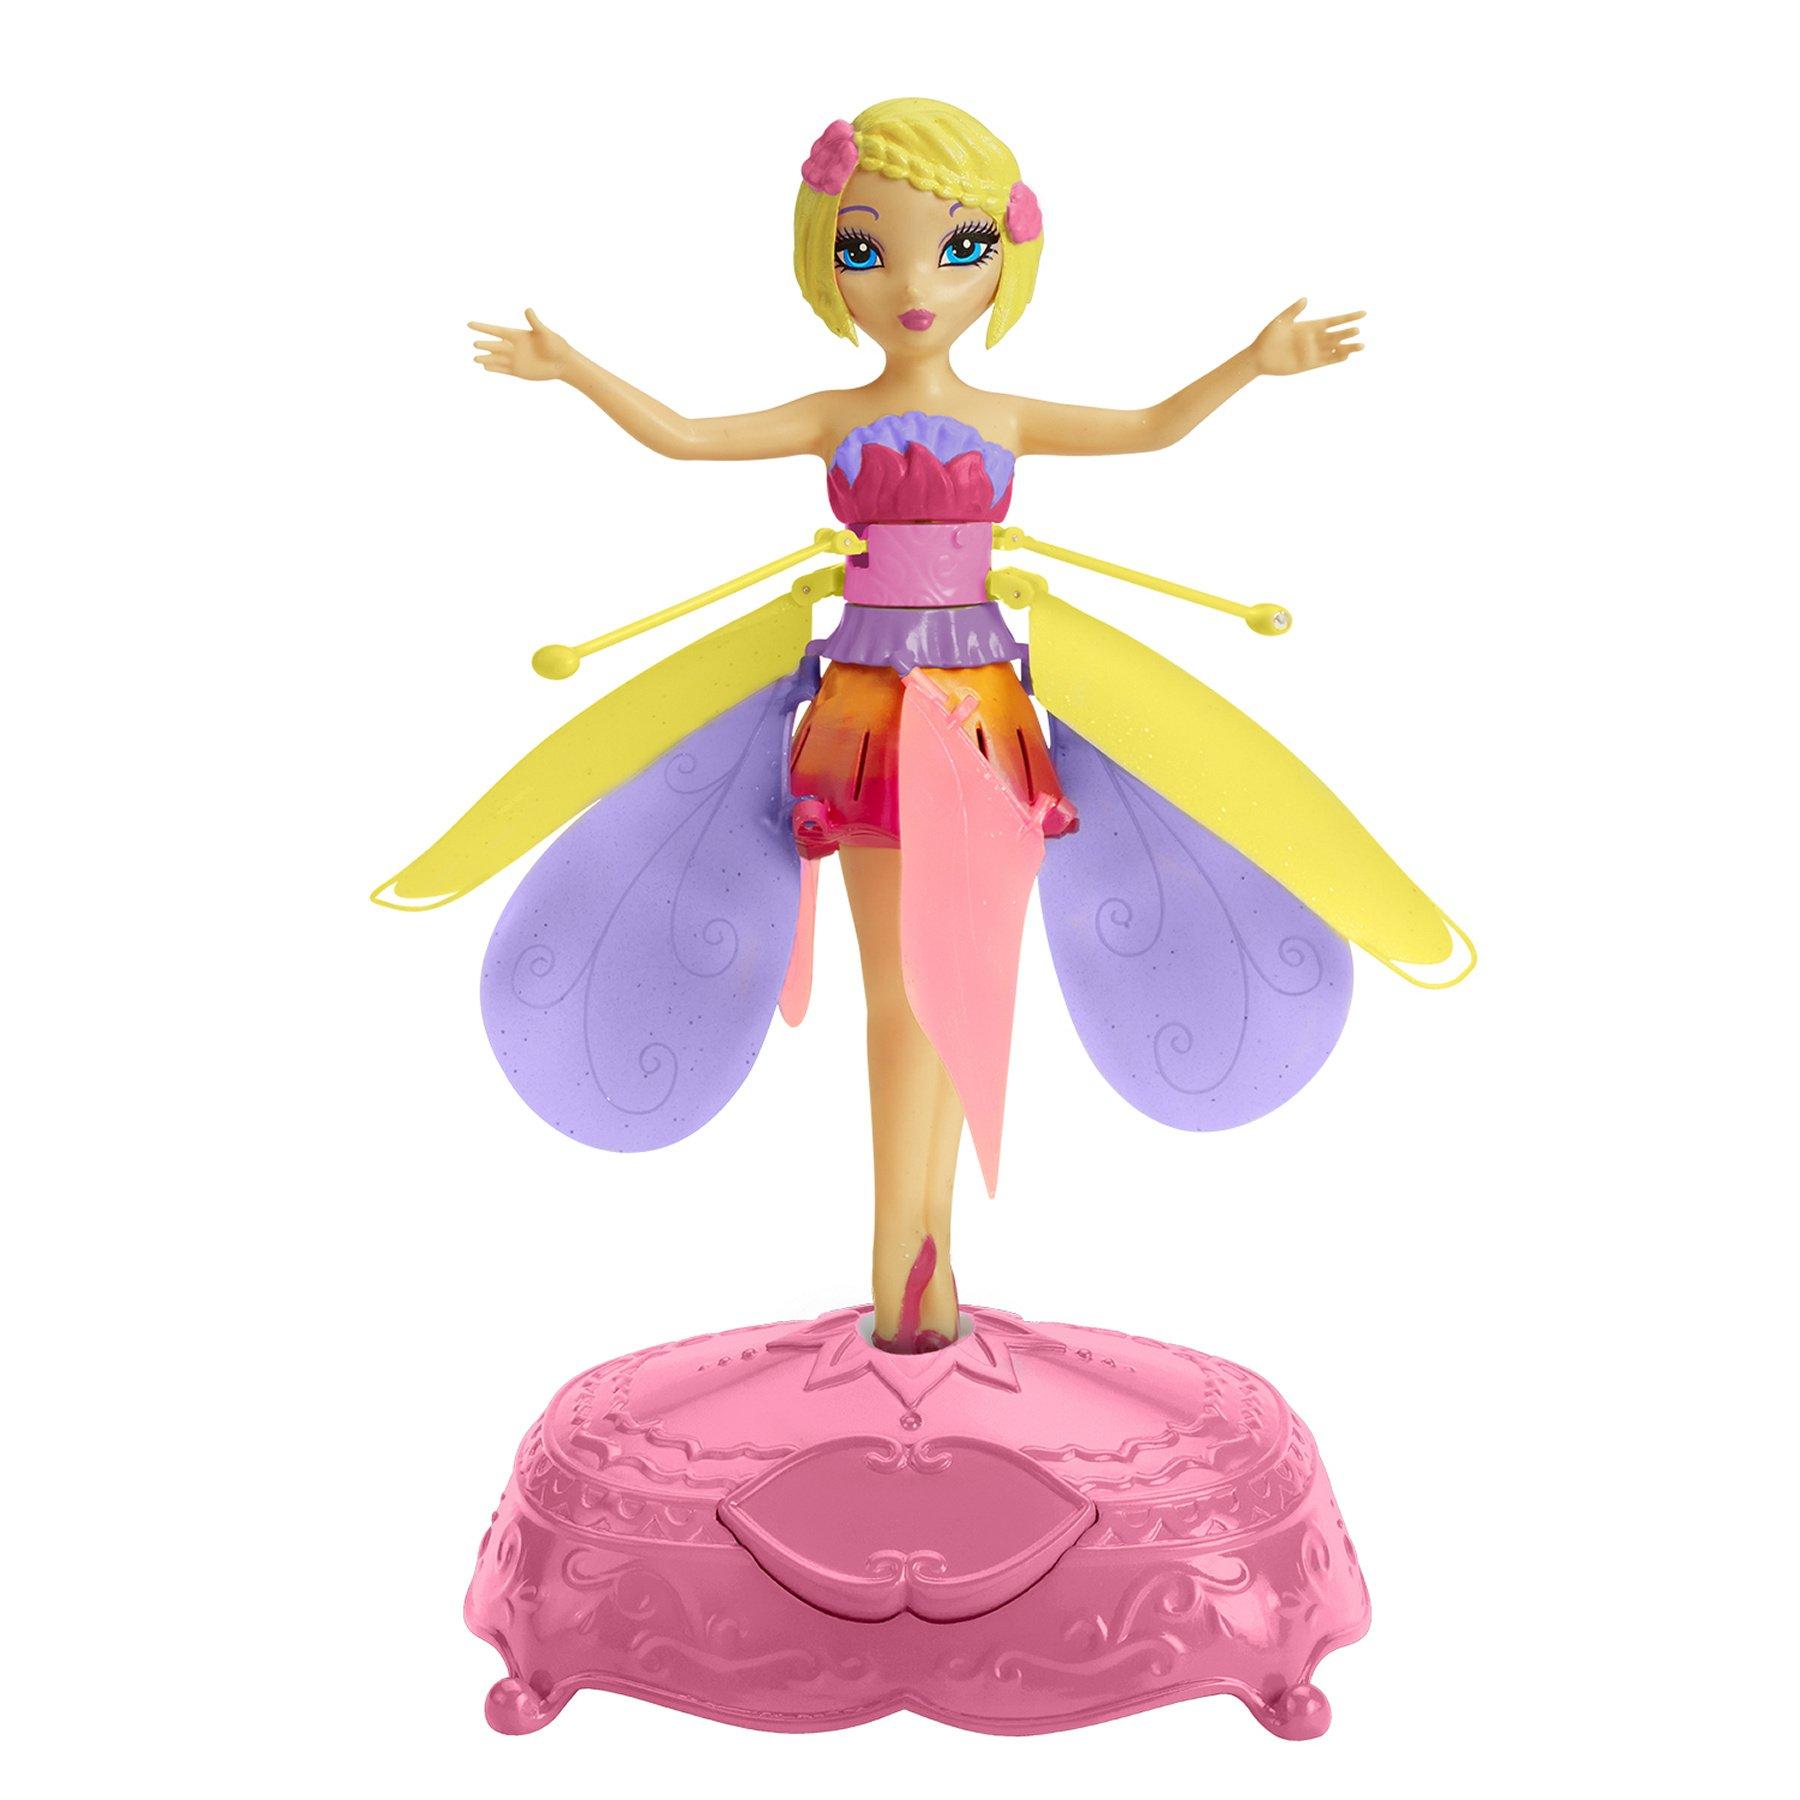 Flutterbye Flying Fairies - Dawn by Flutterbye Fairy (Image #2)